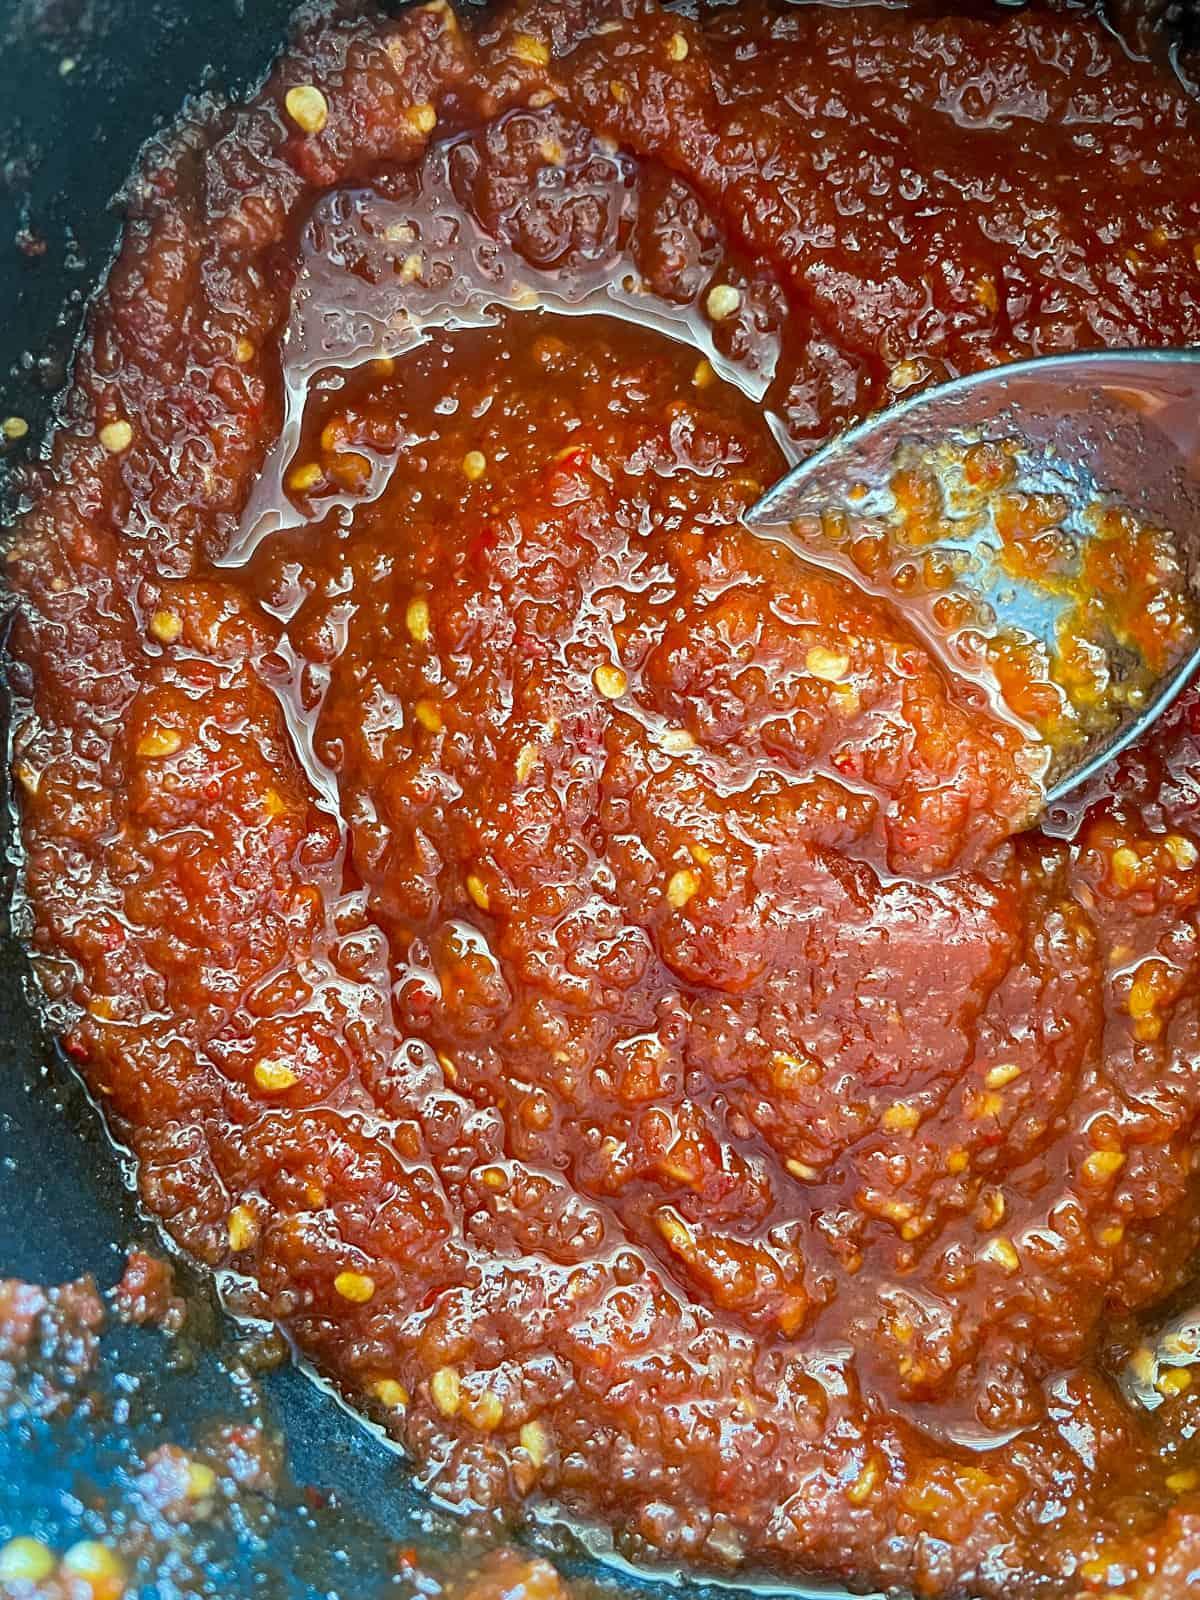 tomato chilli jam in a saucepan